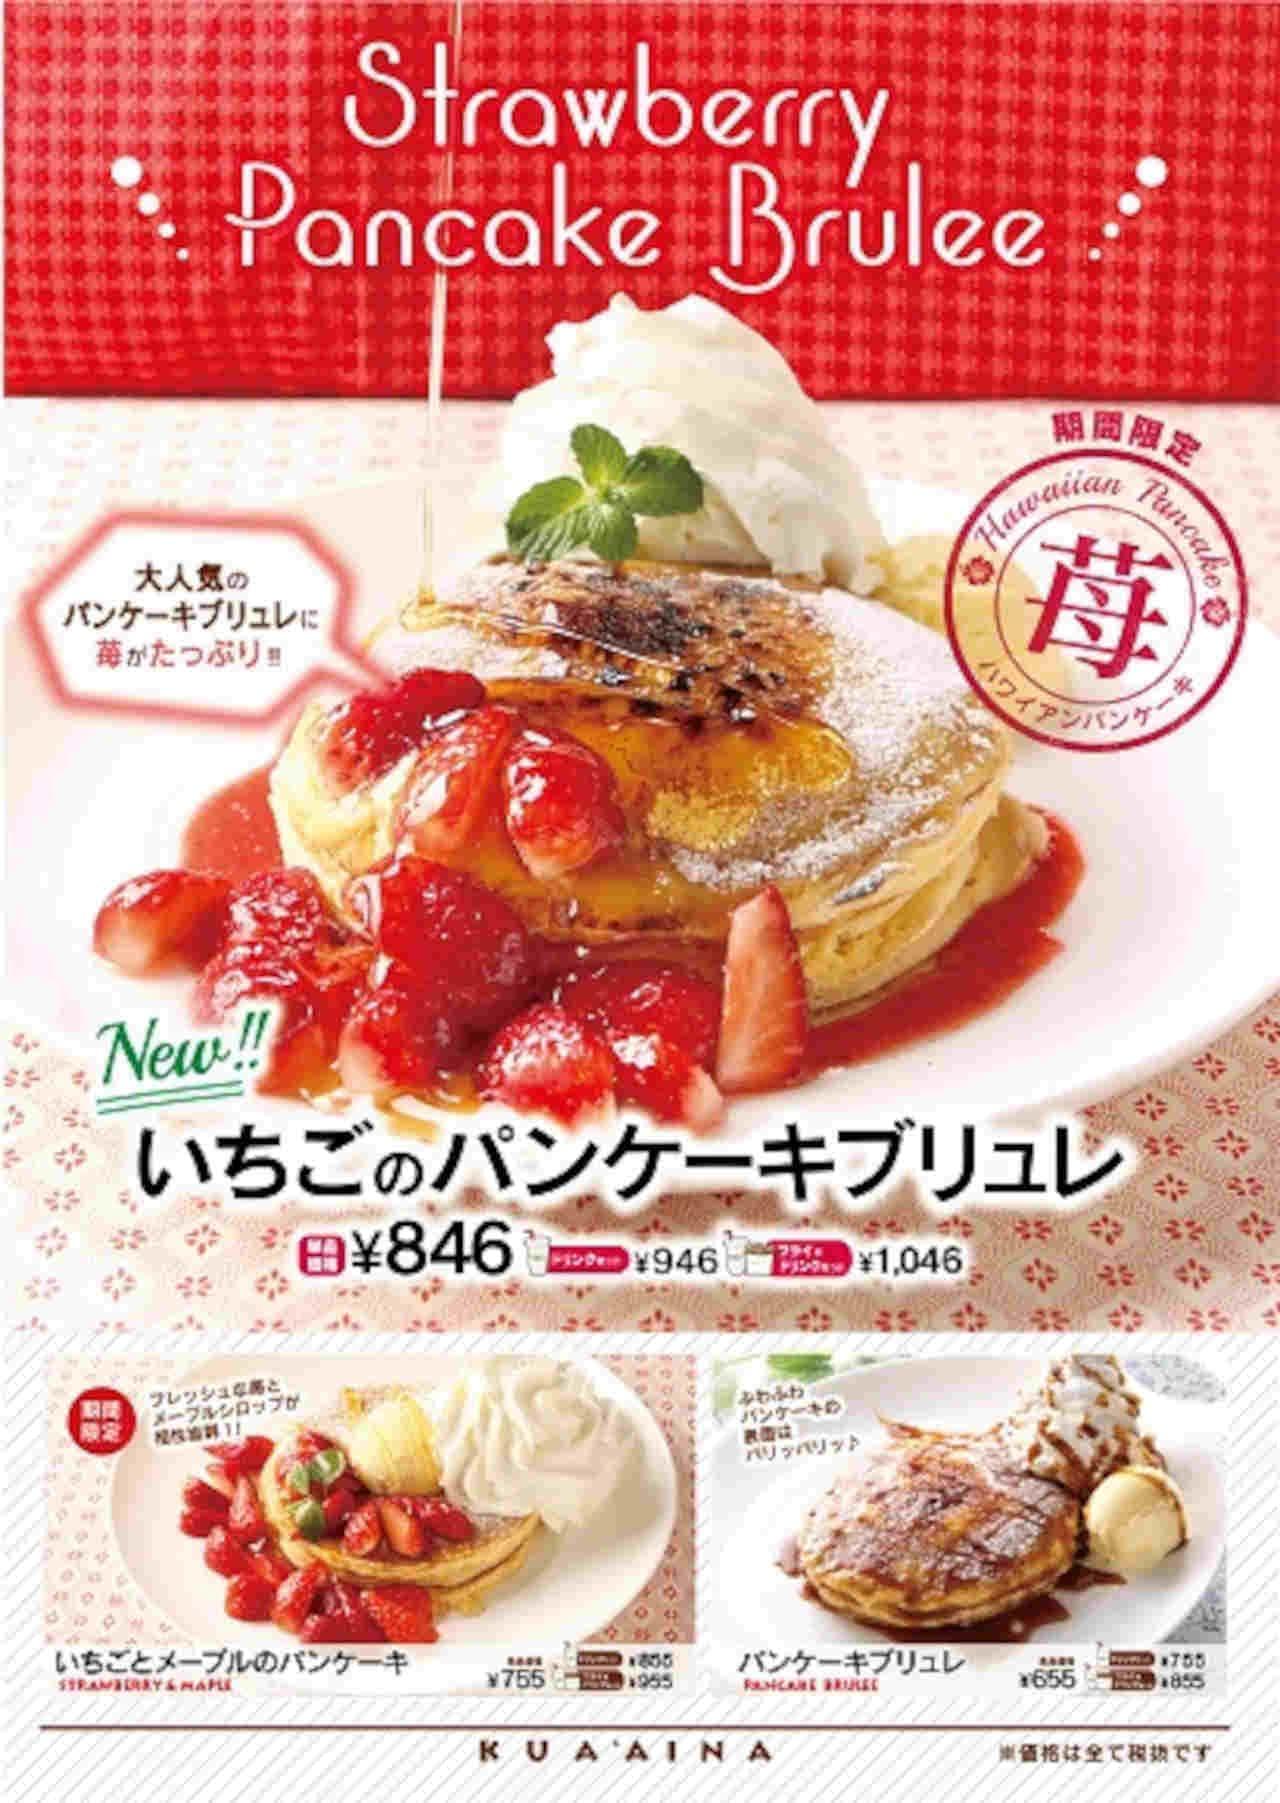 クア・アイナ「いちごのパンケーキブリュレ」「いちごとメープルのパンケーキ」